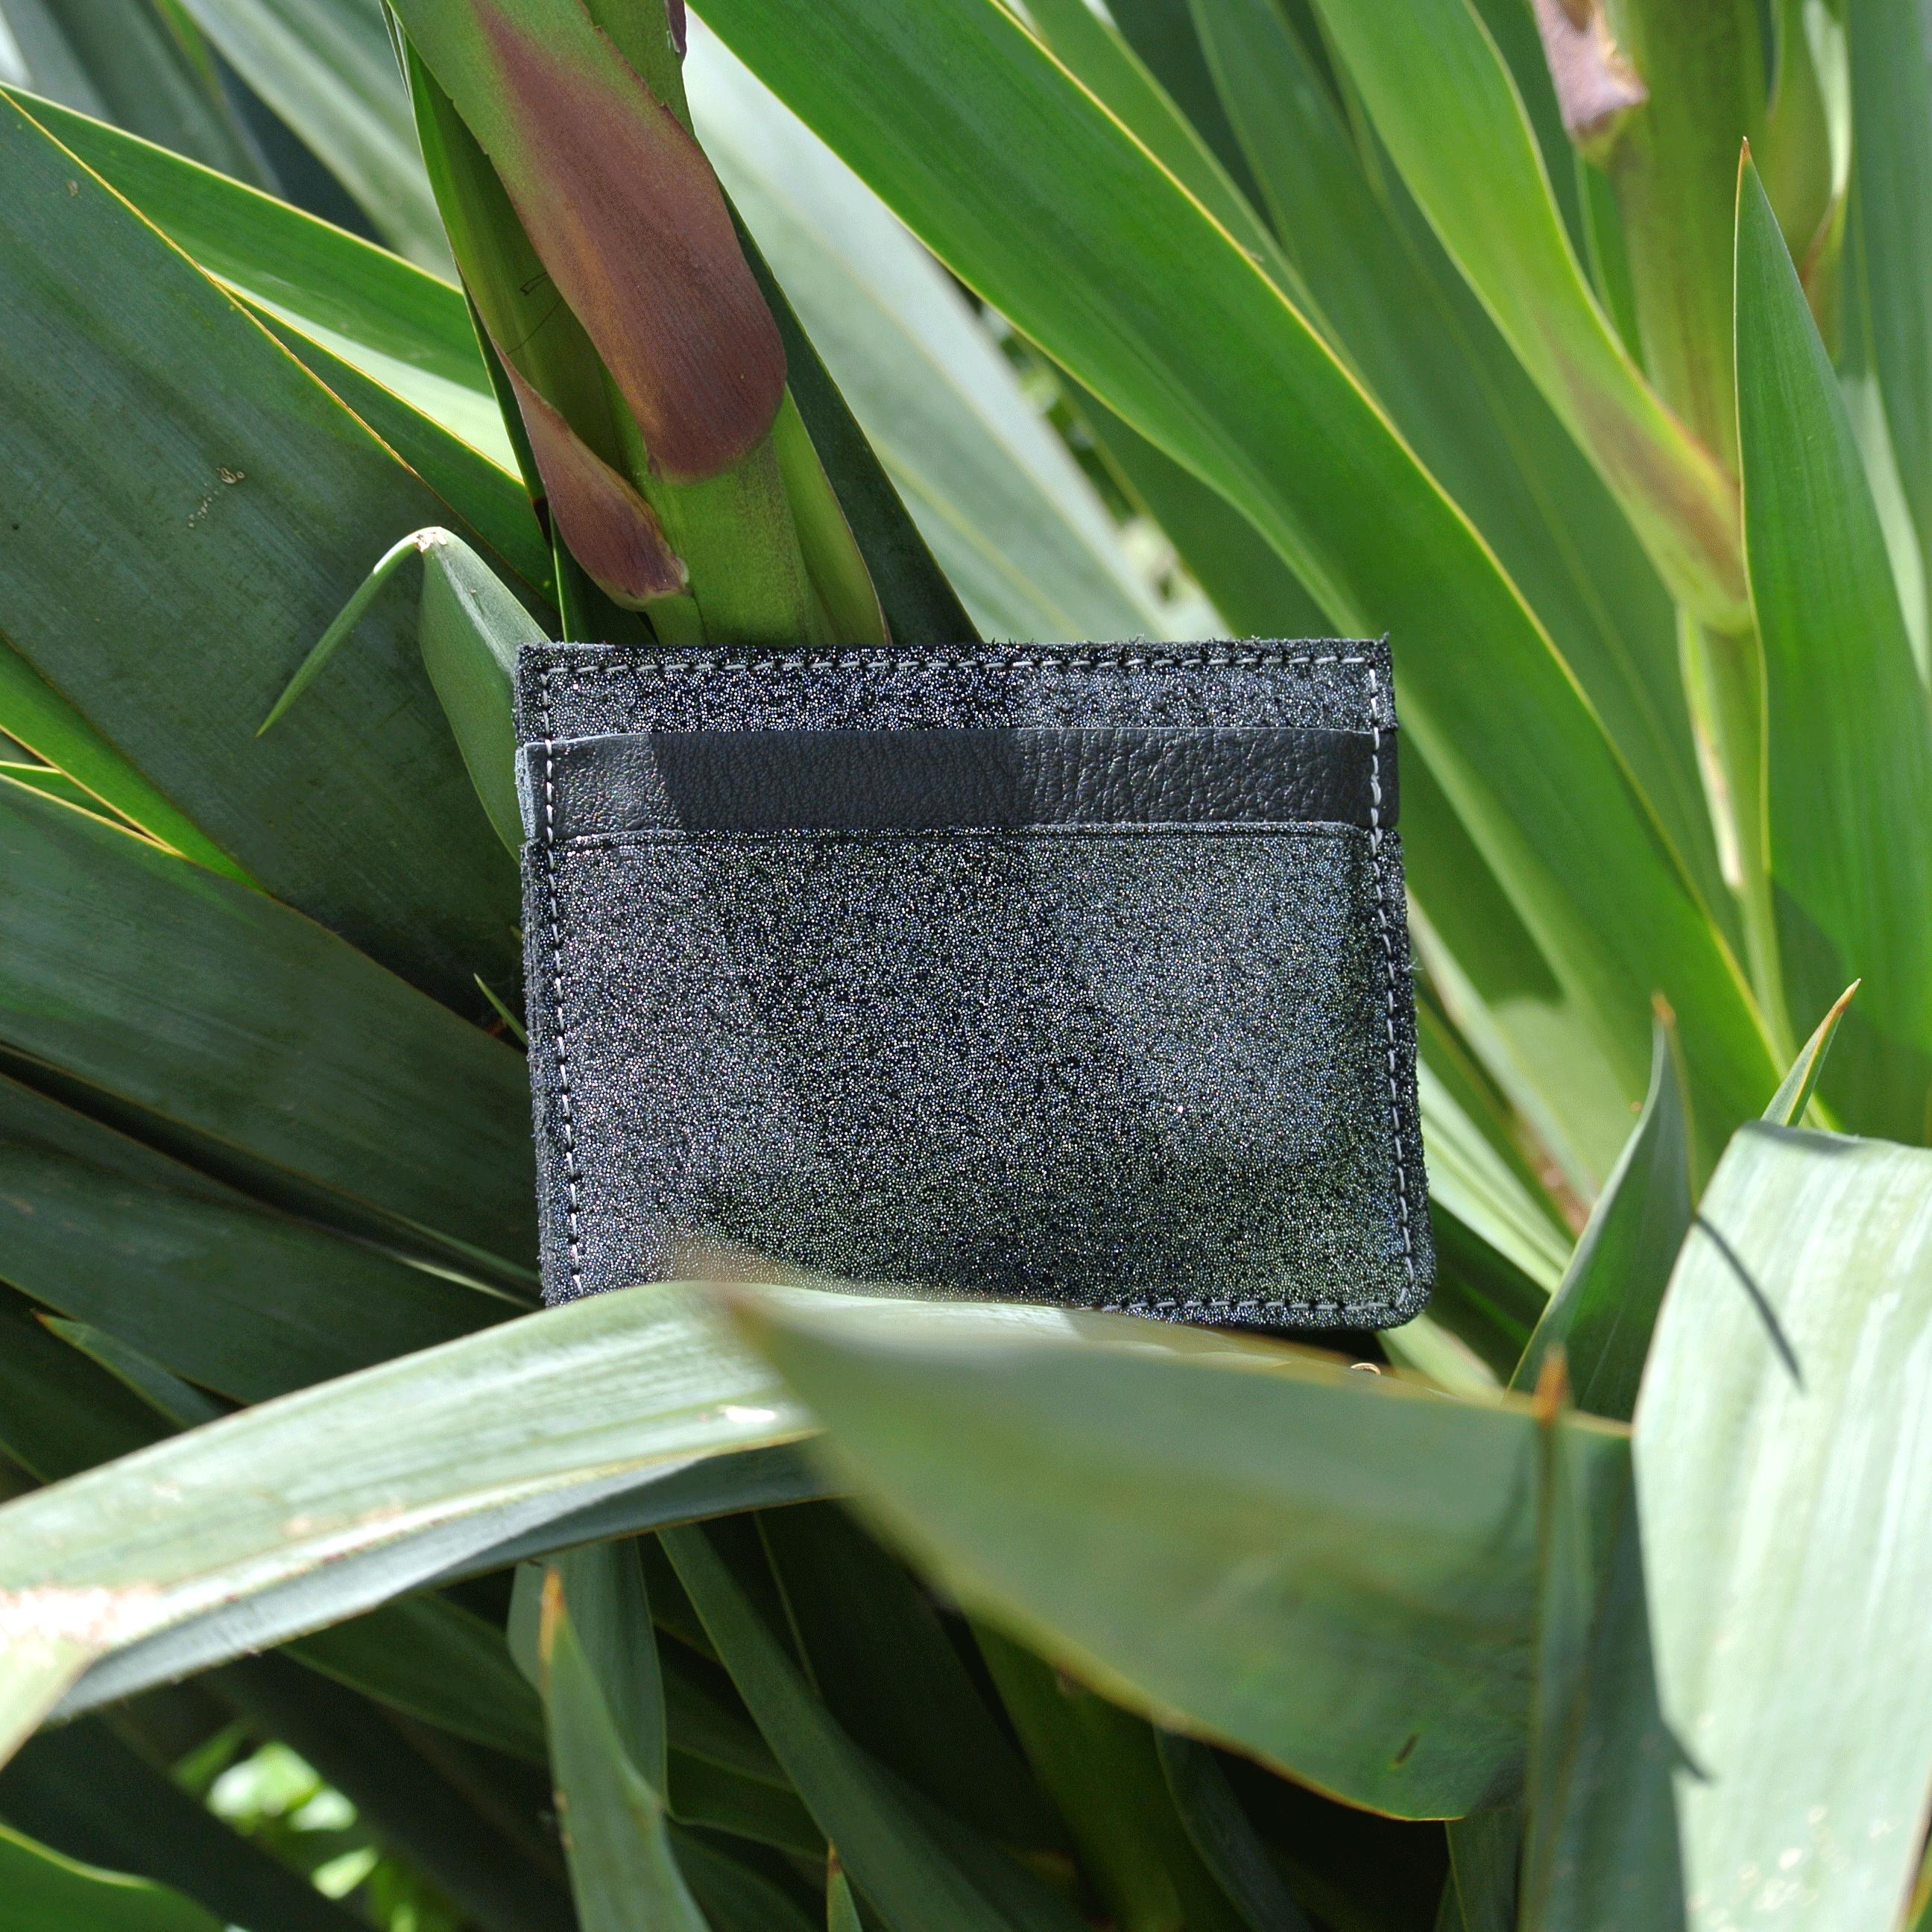 cuirs-pailletés-cuirs-fantaisies-fabriqué-en-france-la-cartabliere-etui-carte-triple-cuir-paillete-noir